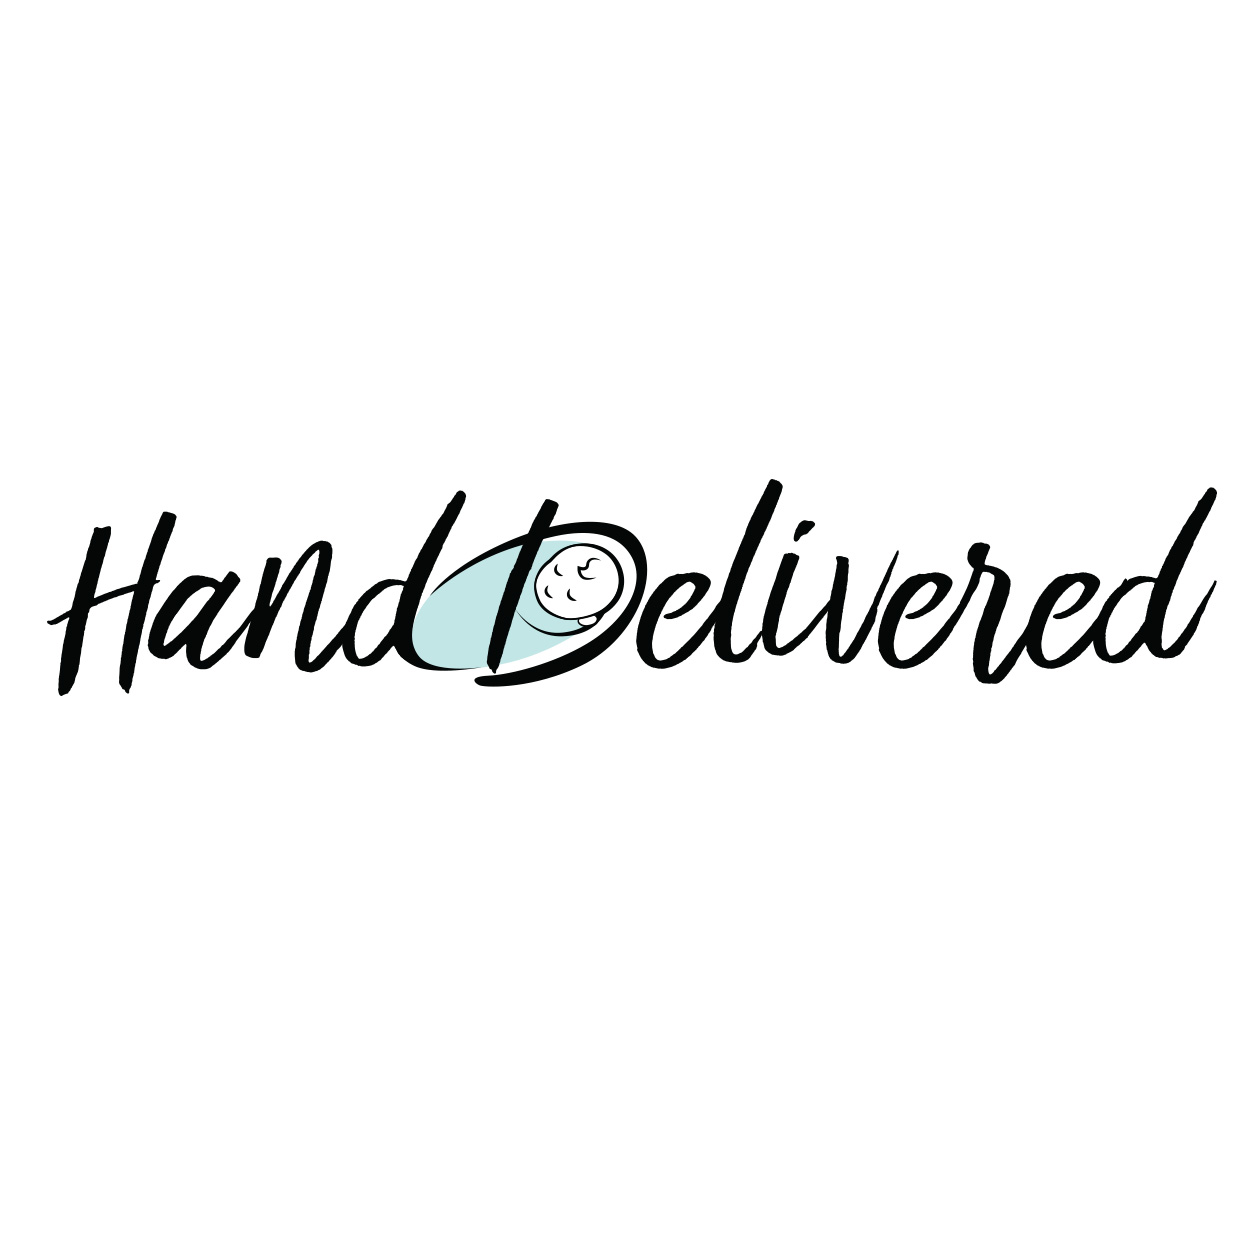 Hand Delivered.jpg